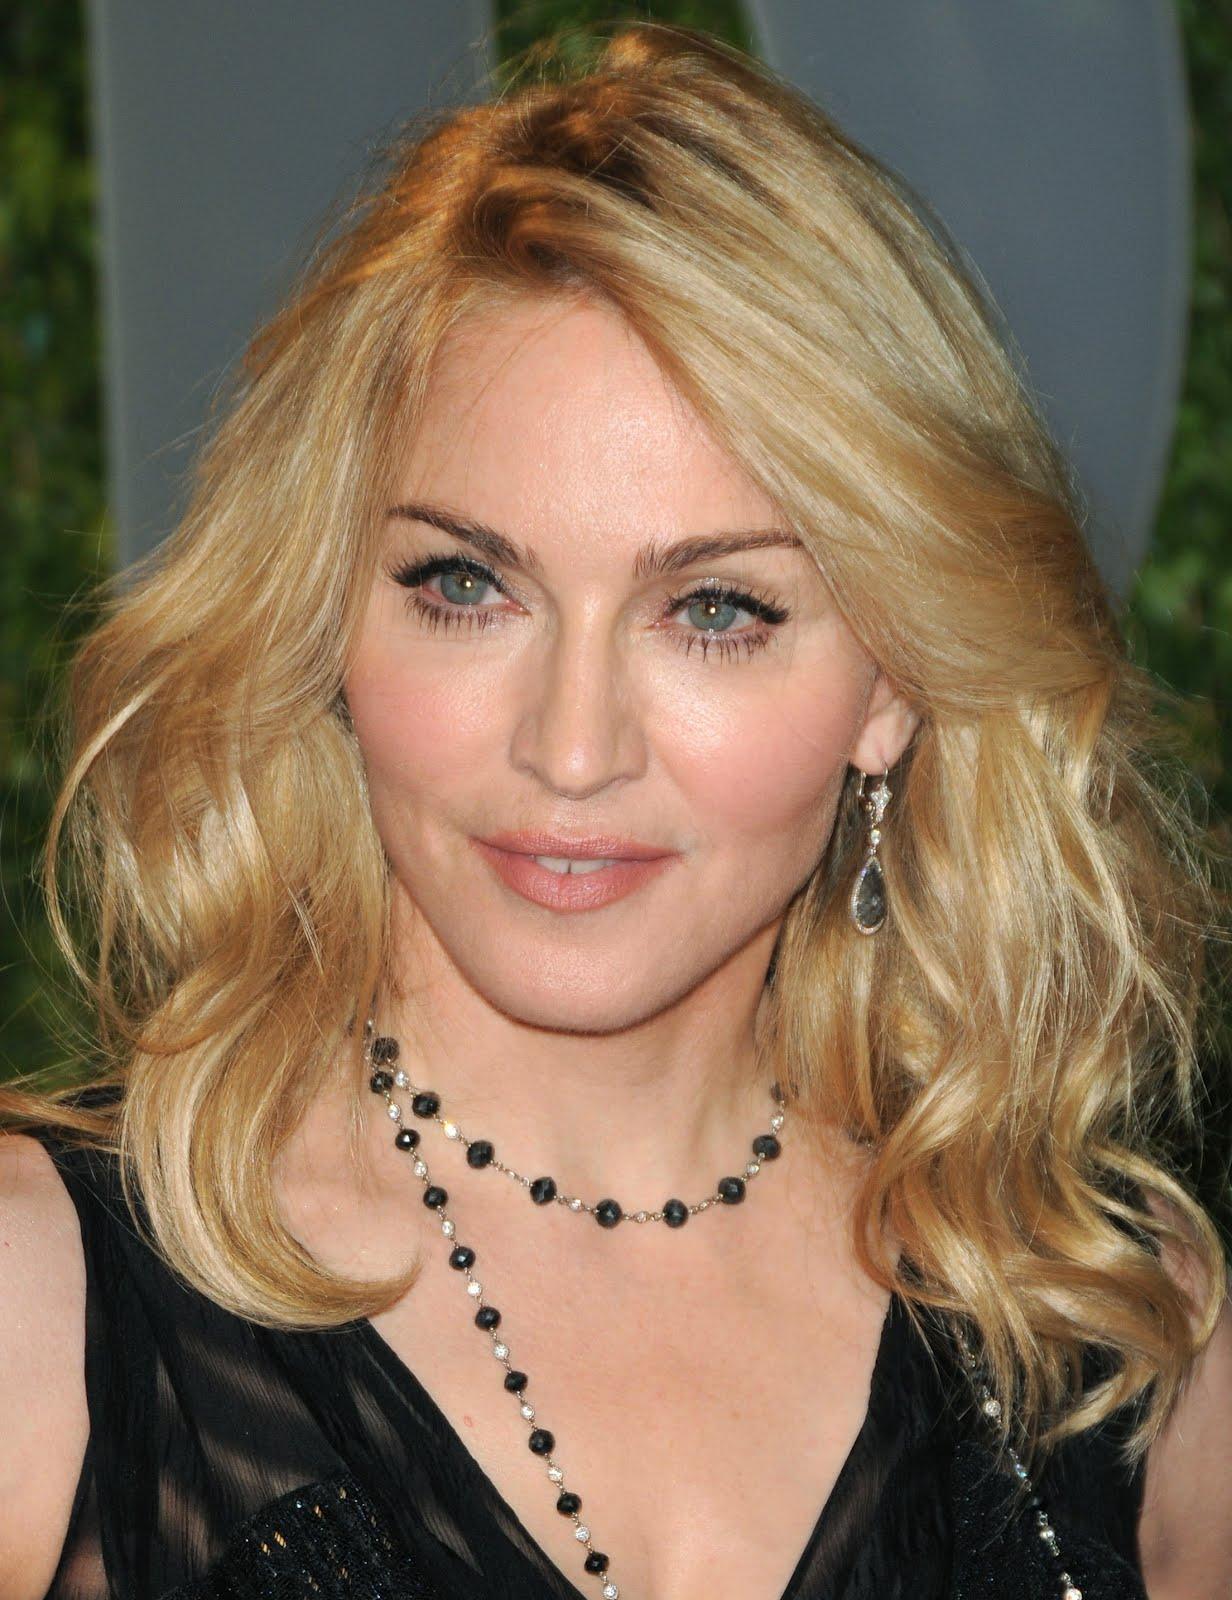 http://3.bp.blogspot.com/-yMth36p8YCk/T0EEtSWGf6I/AAAAAAAAA0k/Axol92vIfQo/s1600/Madonna%2BWallpapers.jpg